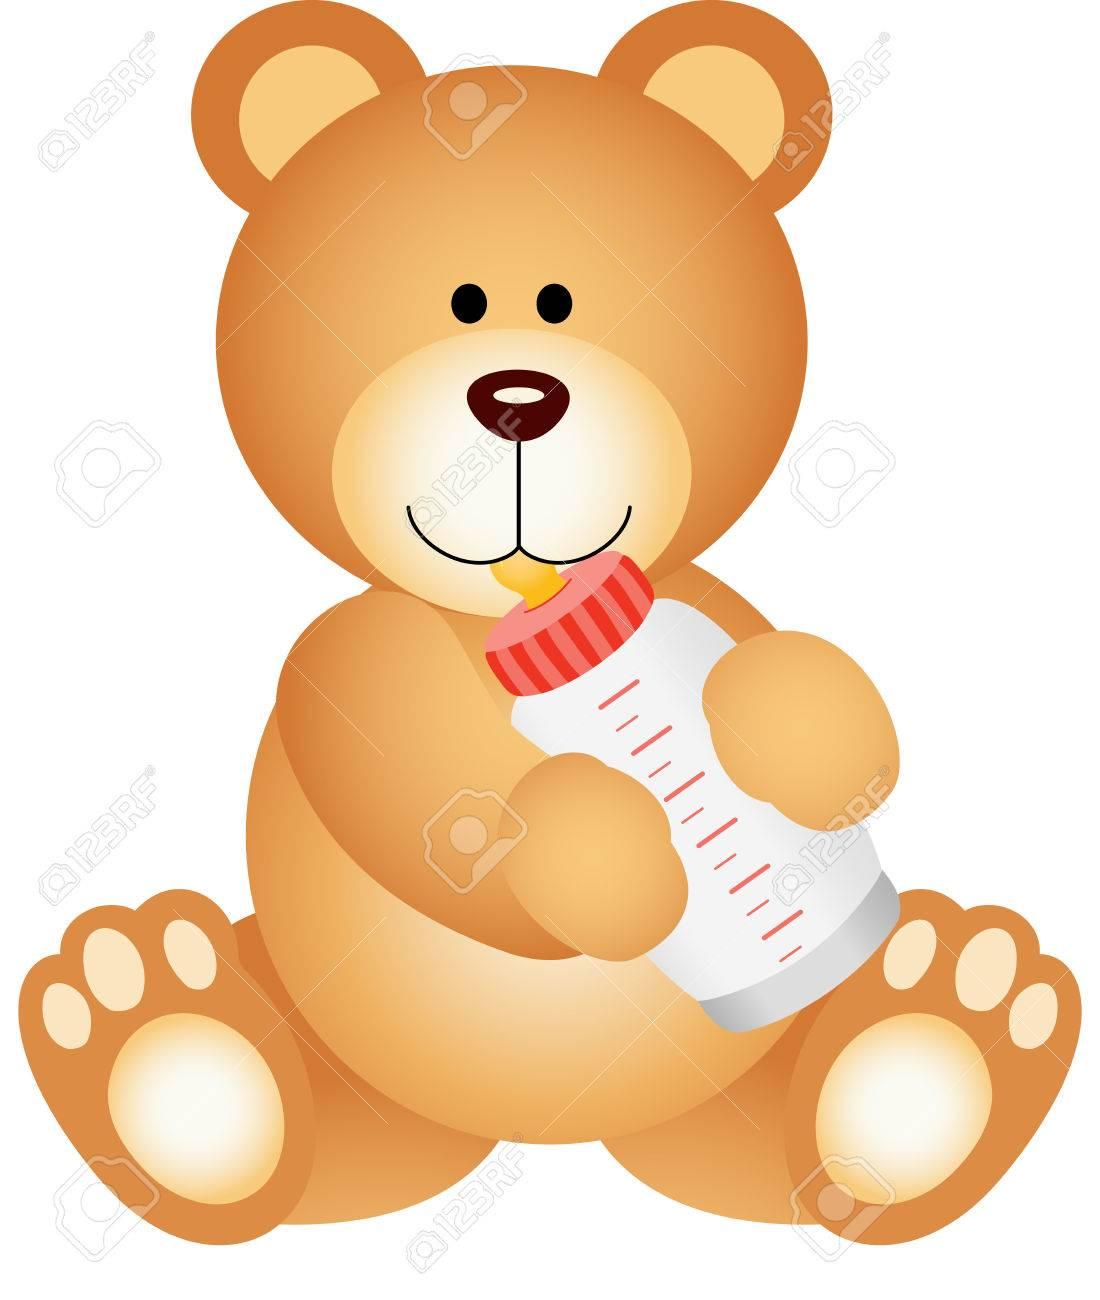 Dalla E Latte Bear freeVettori Stock Baby Beve Il Bottiglia Royalty Teddy Illustrator Clipart Pwkn0O